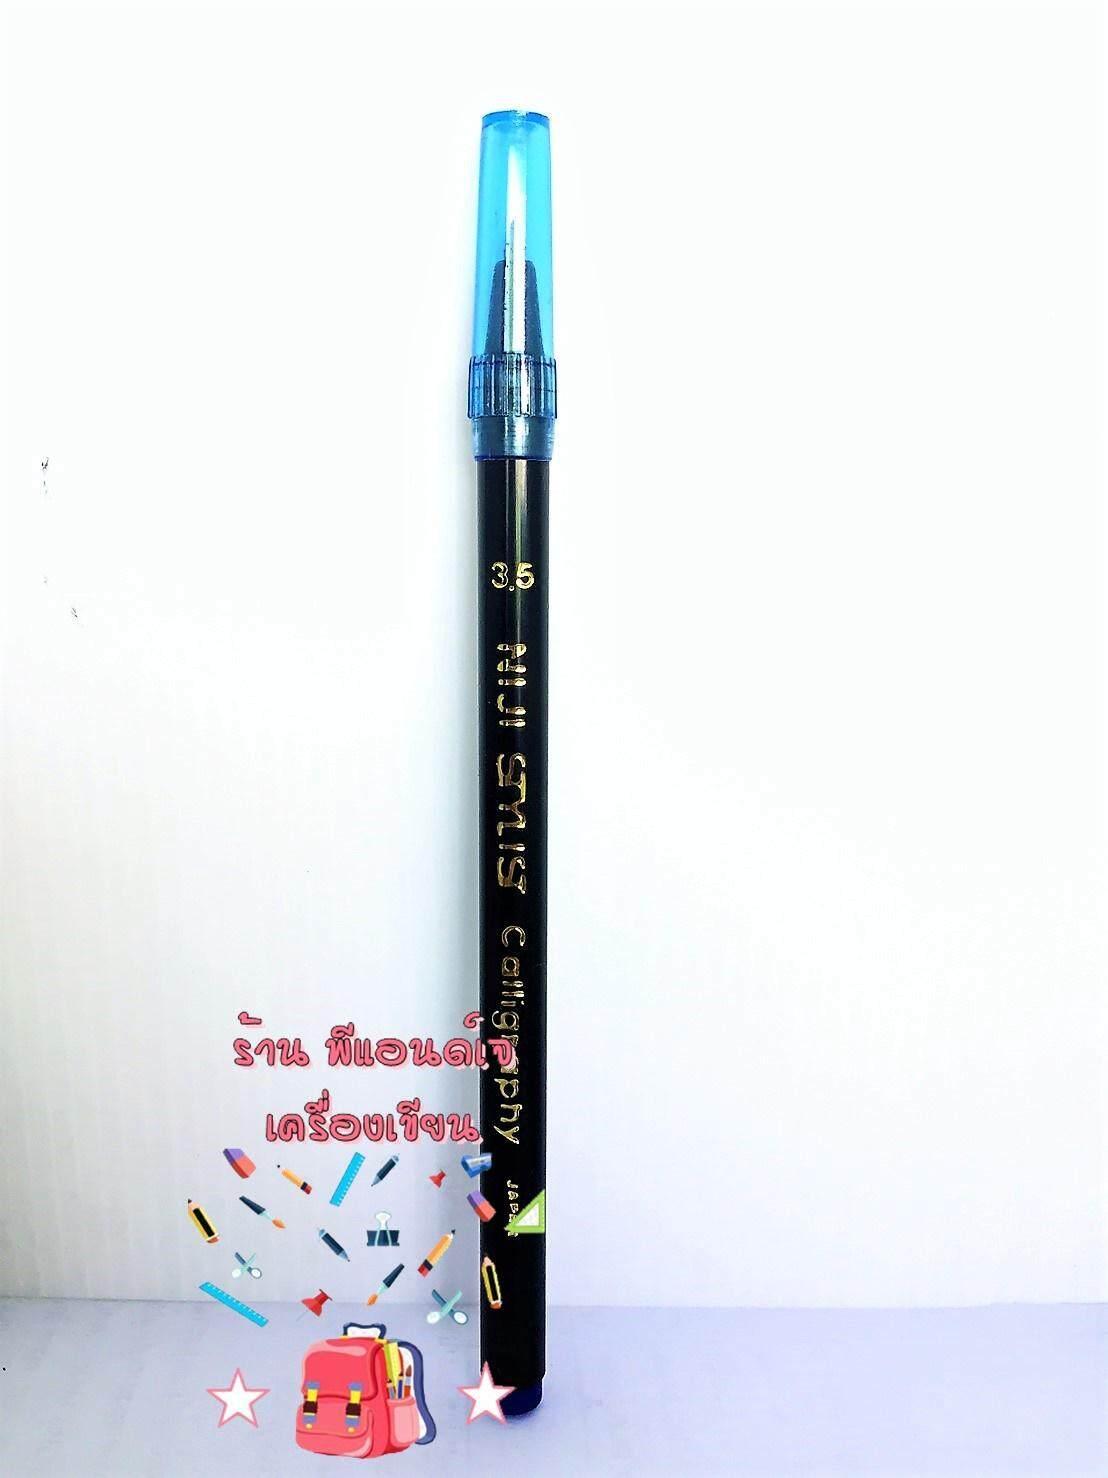 ปากกาสปีดบอล สีน้ำเงิน ขนาด 3.5 มิล ปากกาหัวตัด Niji Stylist Calligraphy.